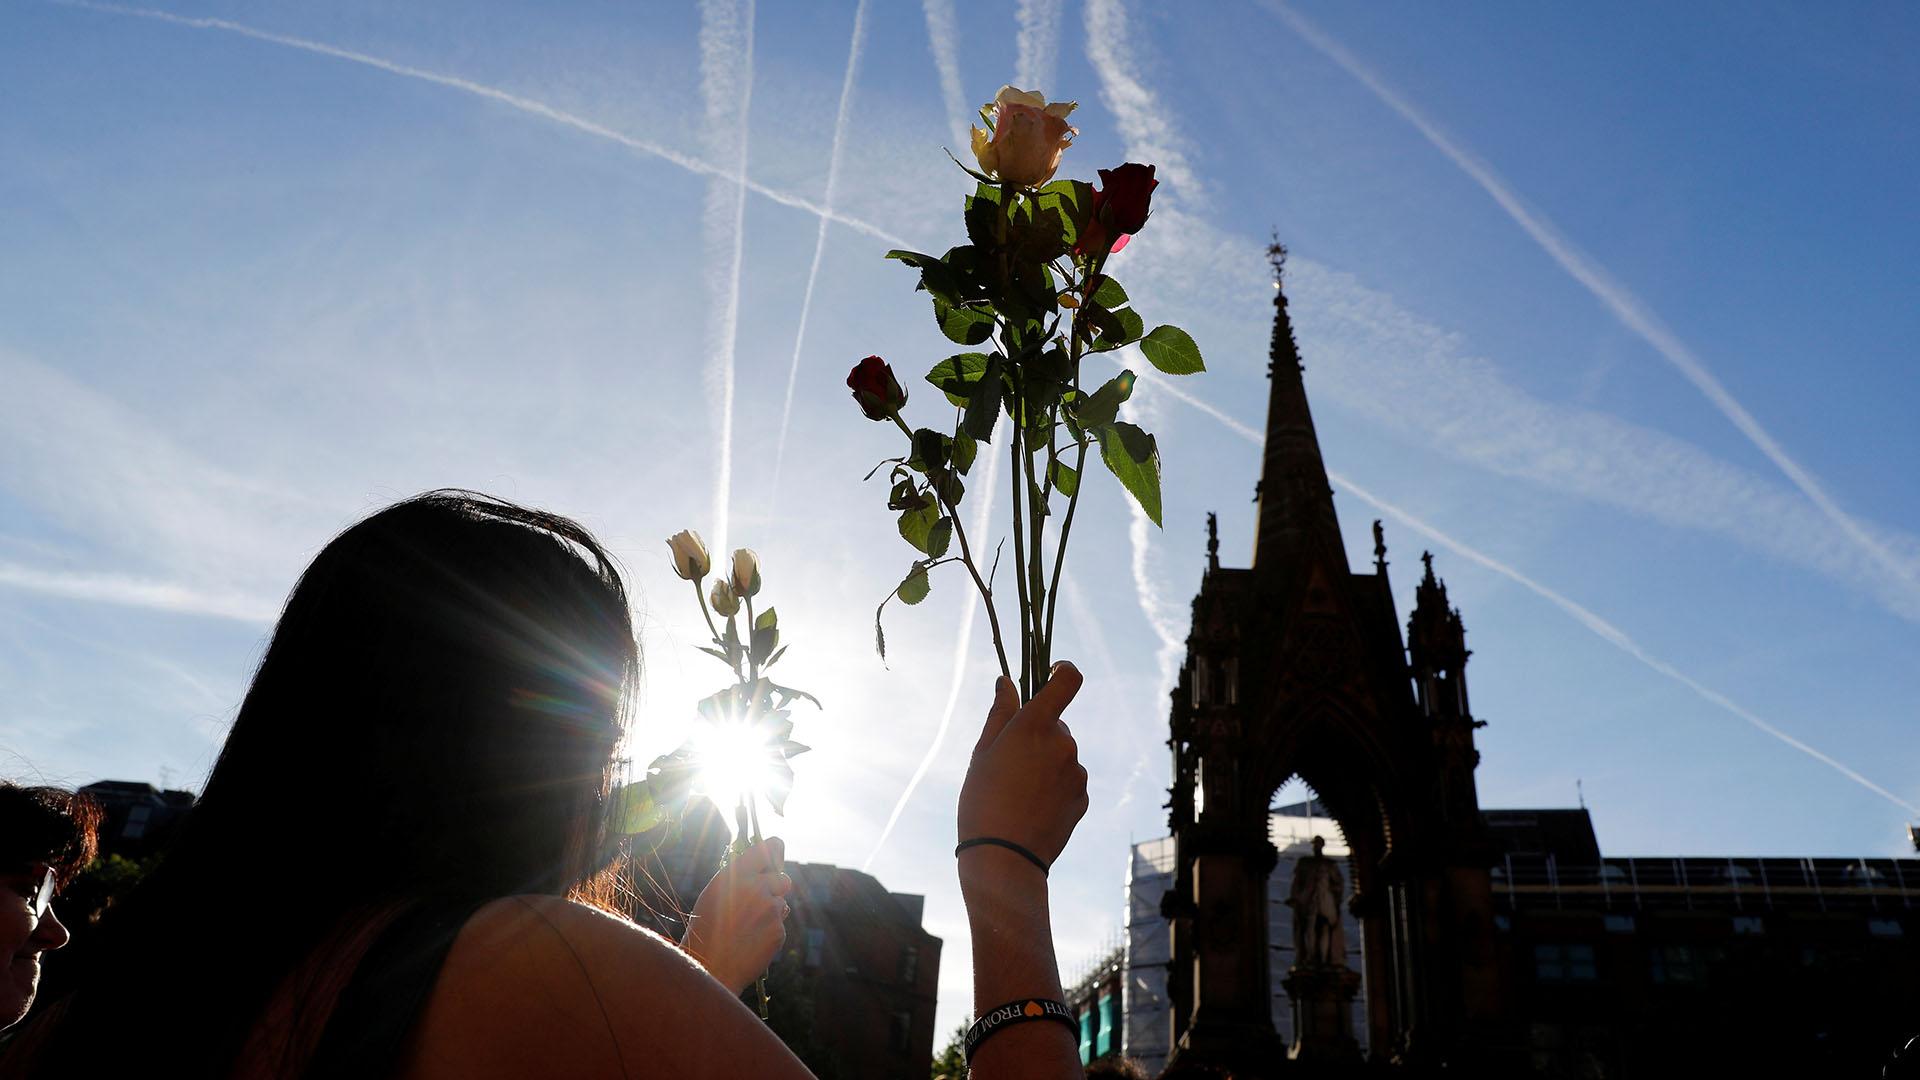 Una mujer sostiene un ramo de flores en medio de la vigilia (REUTERS)